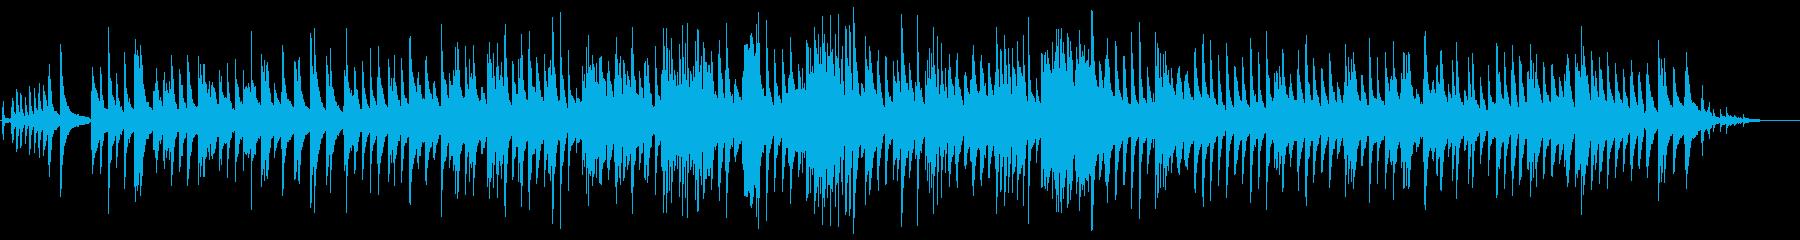 しっとりジャズ:ピアノソロ・バラード の再生済みの波形